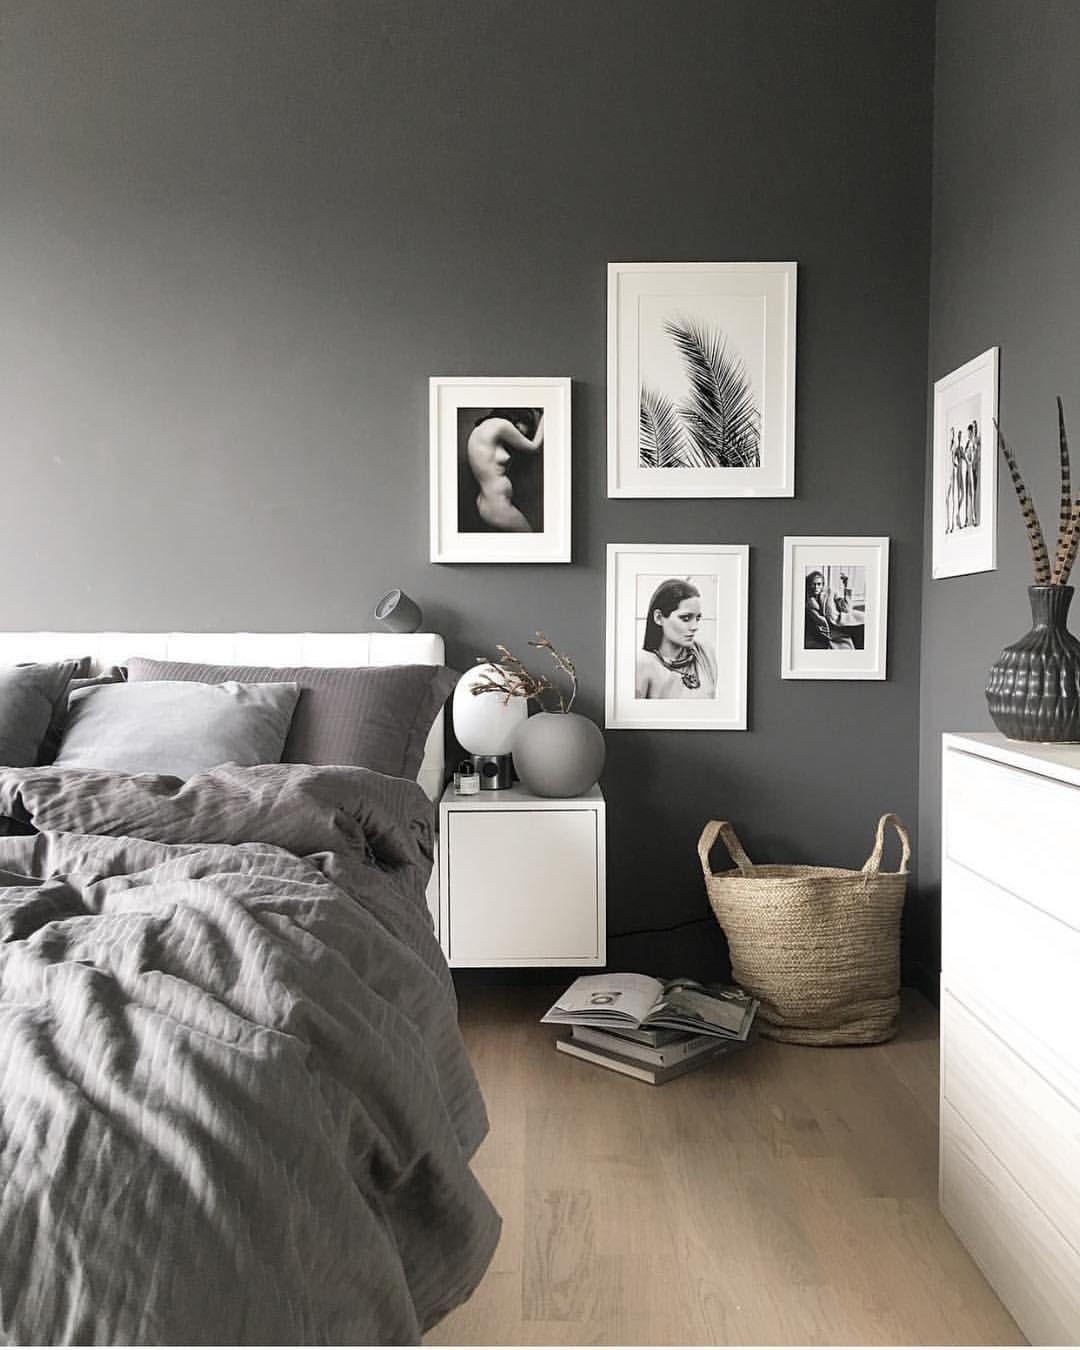 Pin By Kay Abou On Teens Bedroom Diy In 2018 Pinterest Klara Brow Studio 02 Dark 437 Likes 6 Comments Kajastef Instagram Saturday